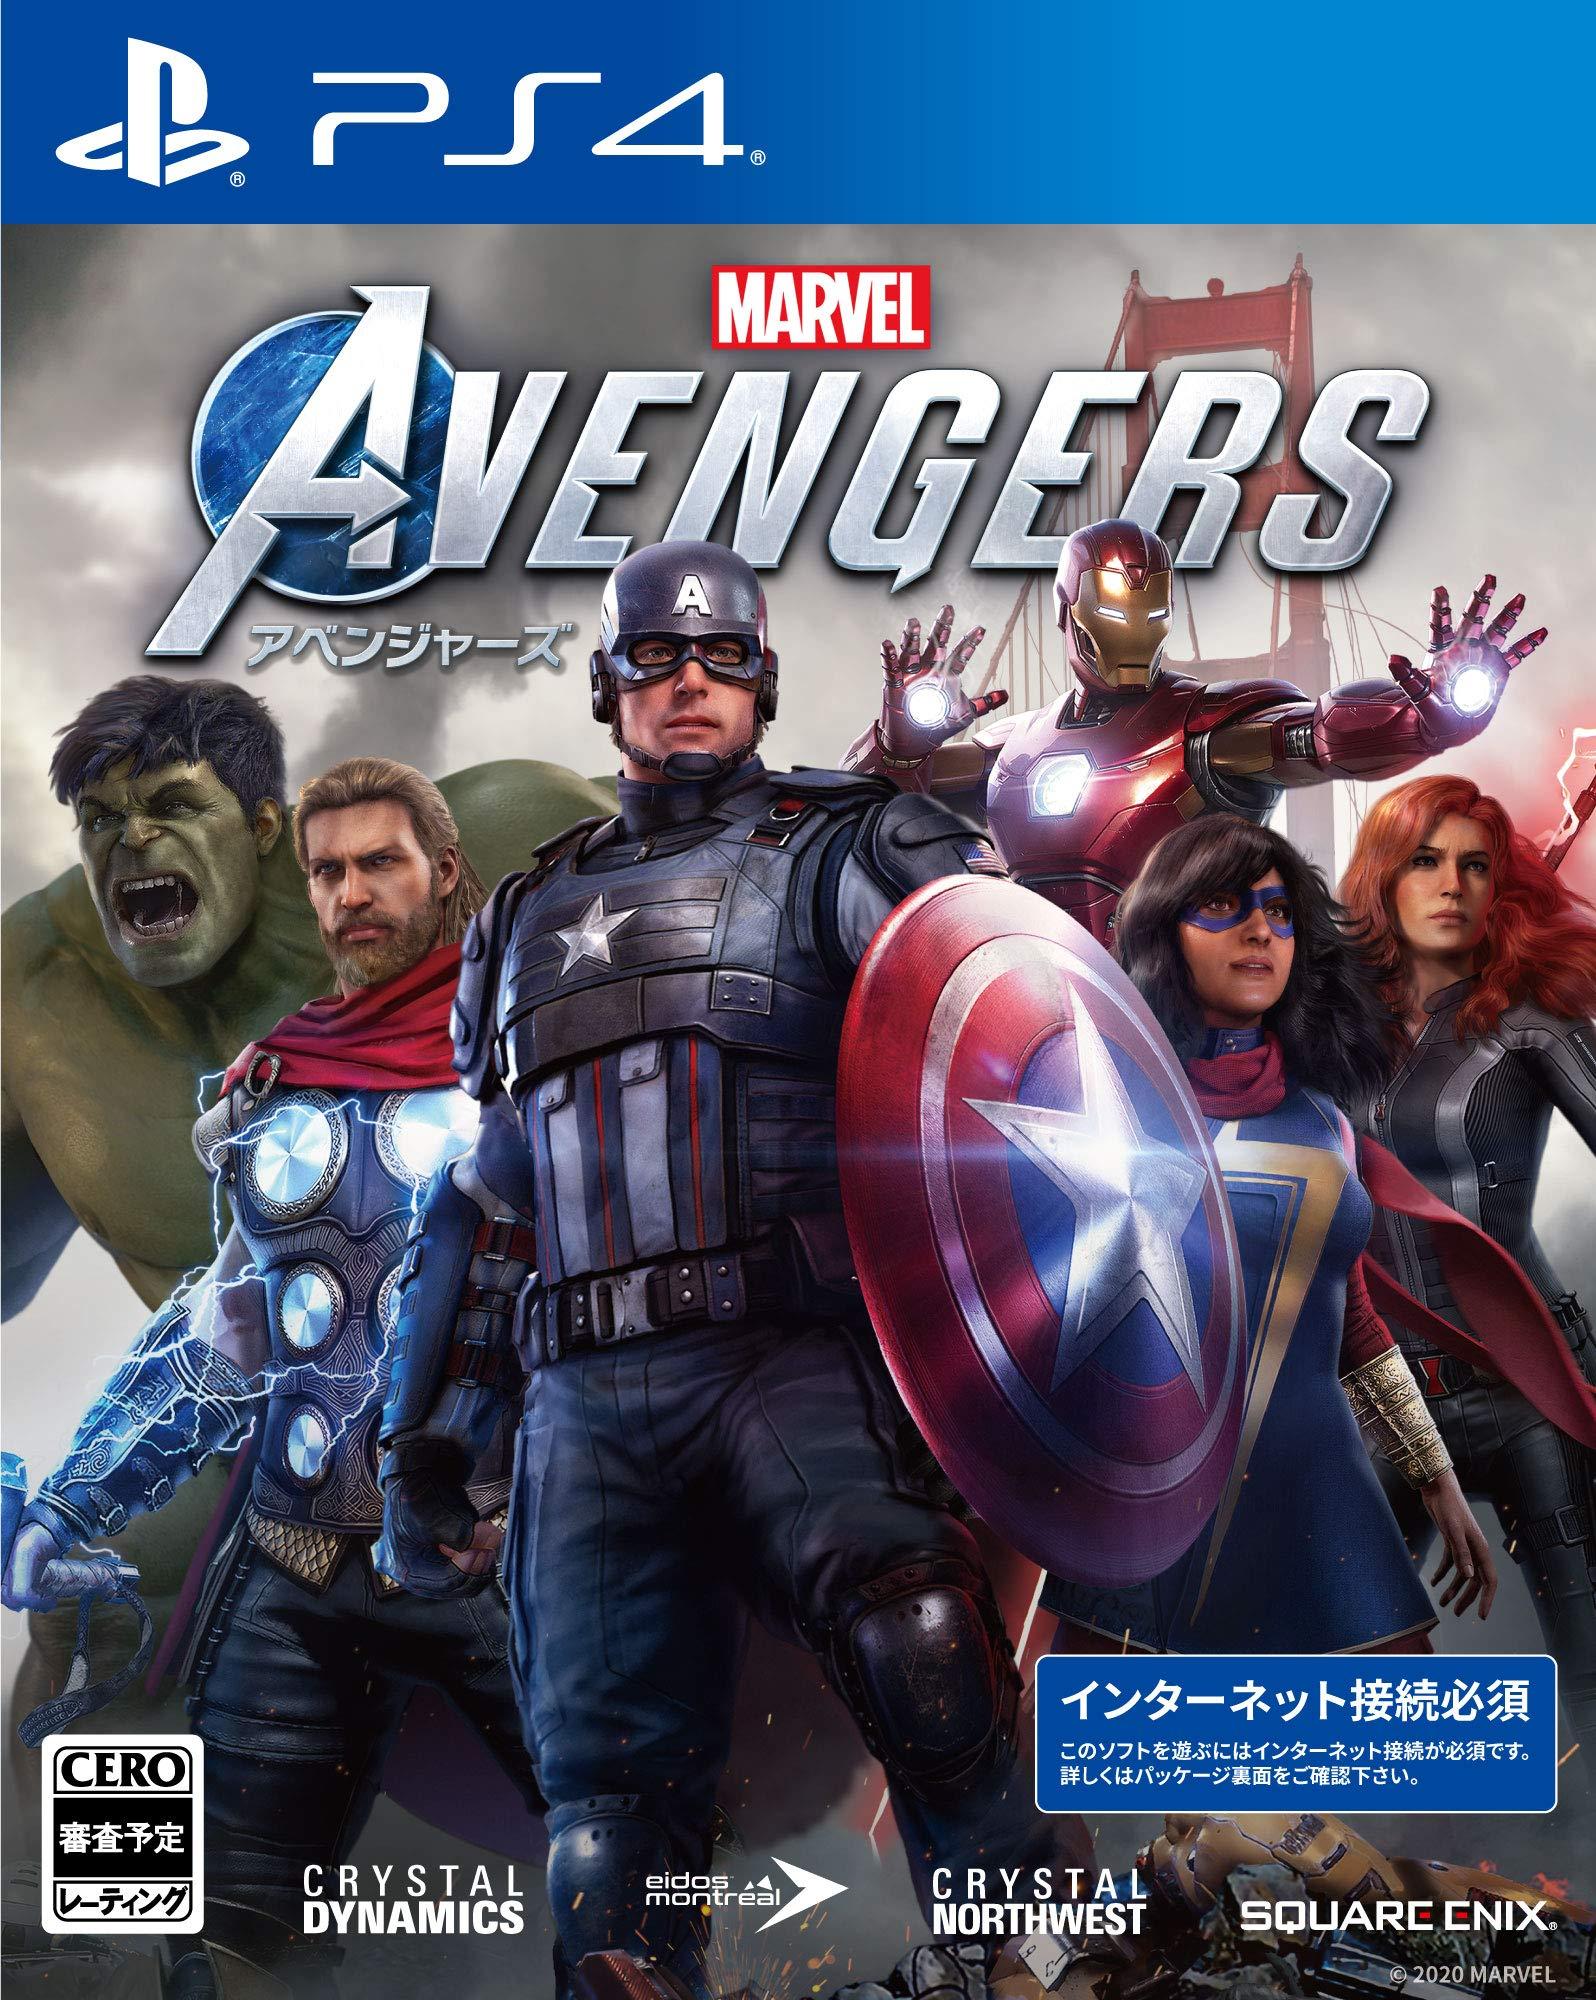 Marvel's Avengers(アベンジャーズ)早期購入特典・店舗特典 予約受付中!【9月4日発売!】